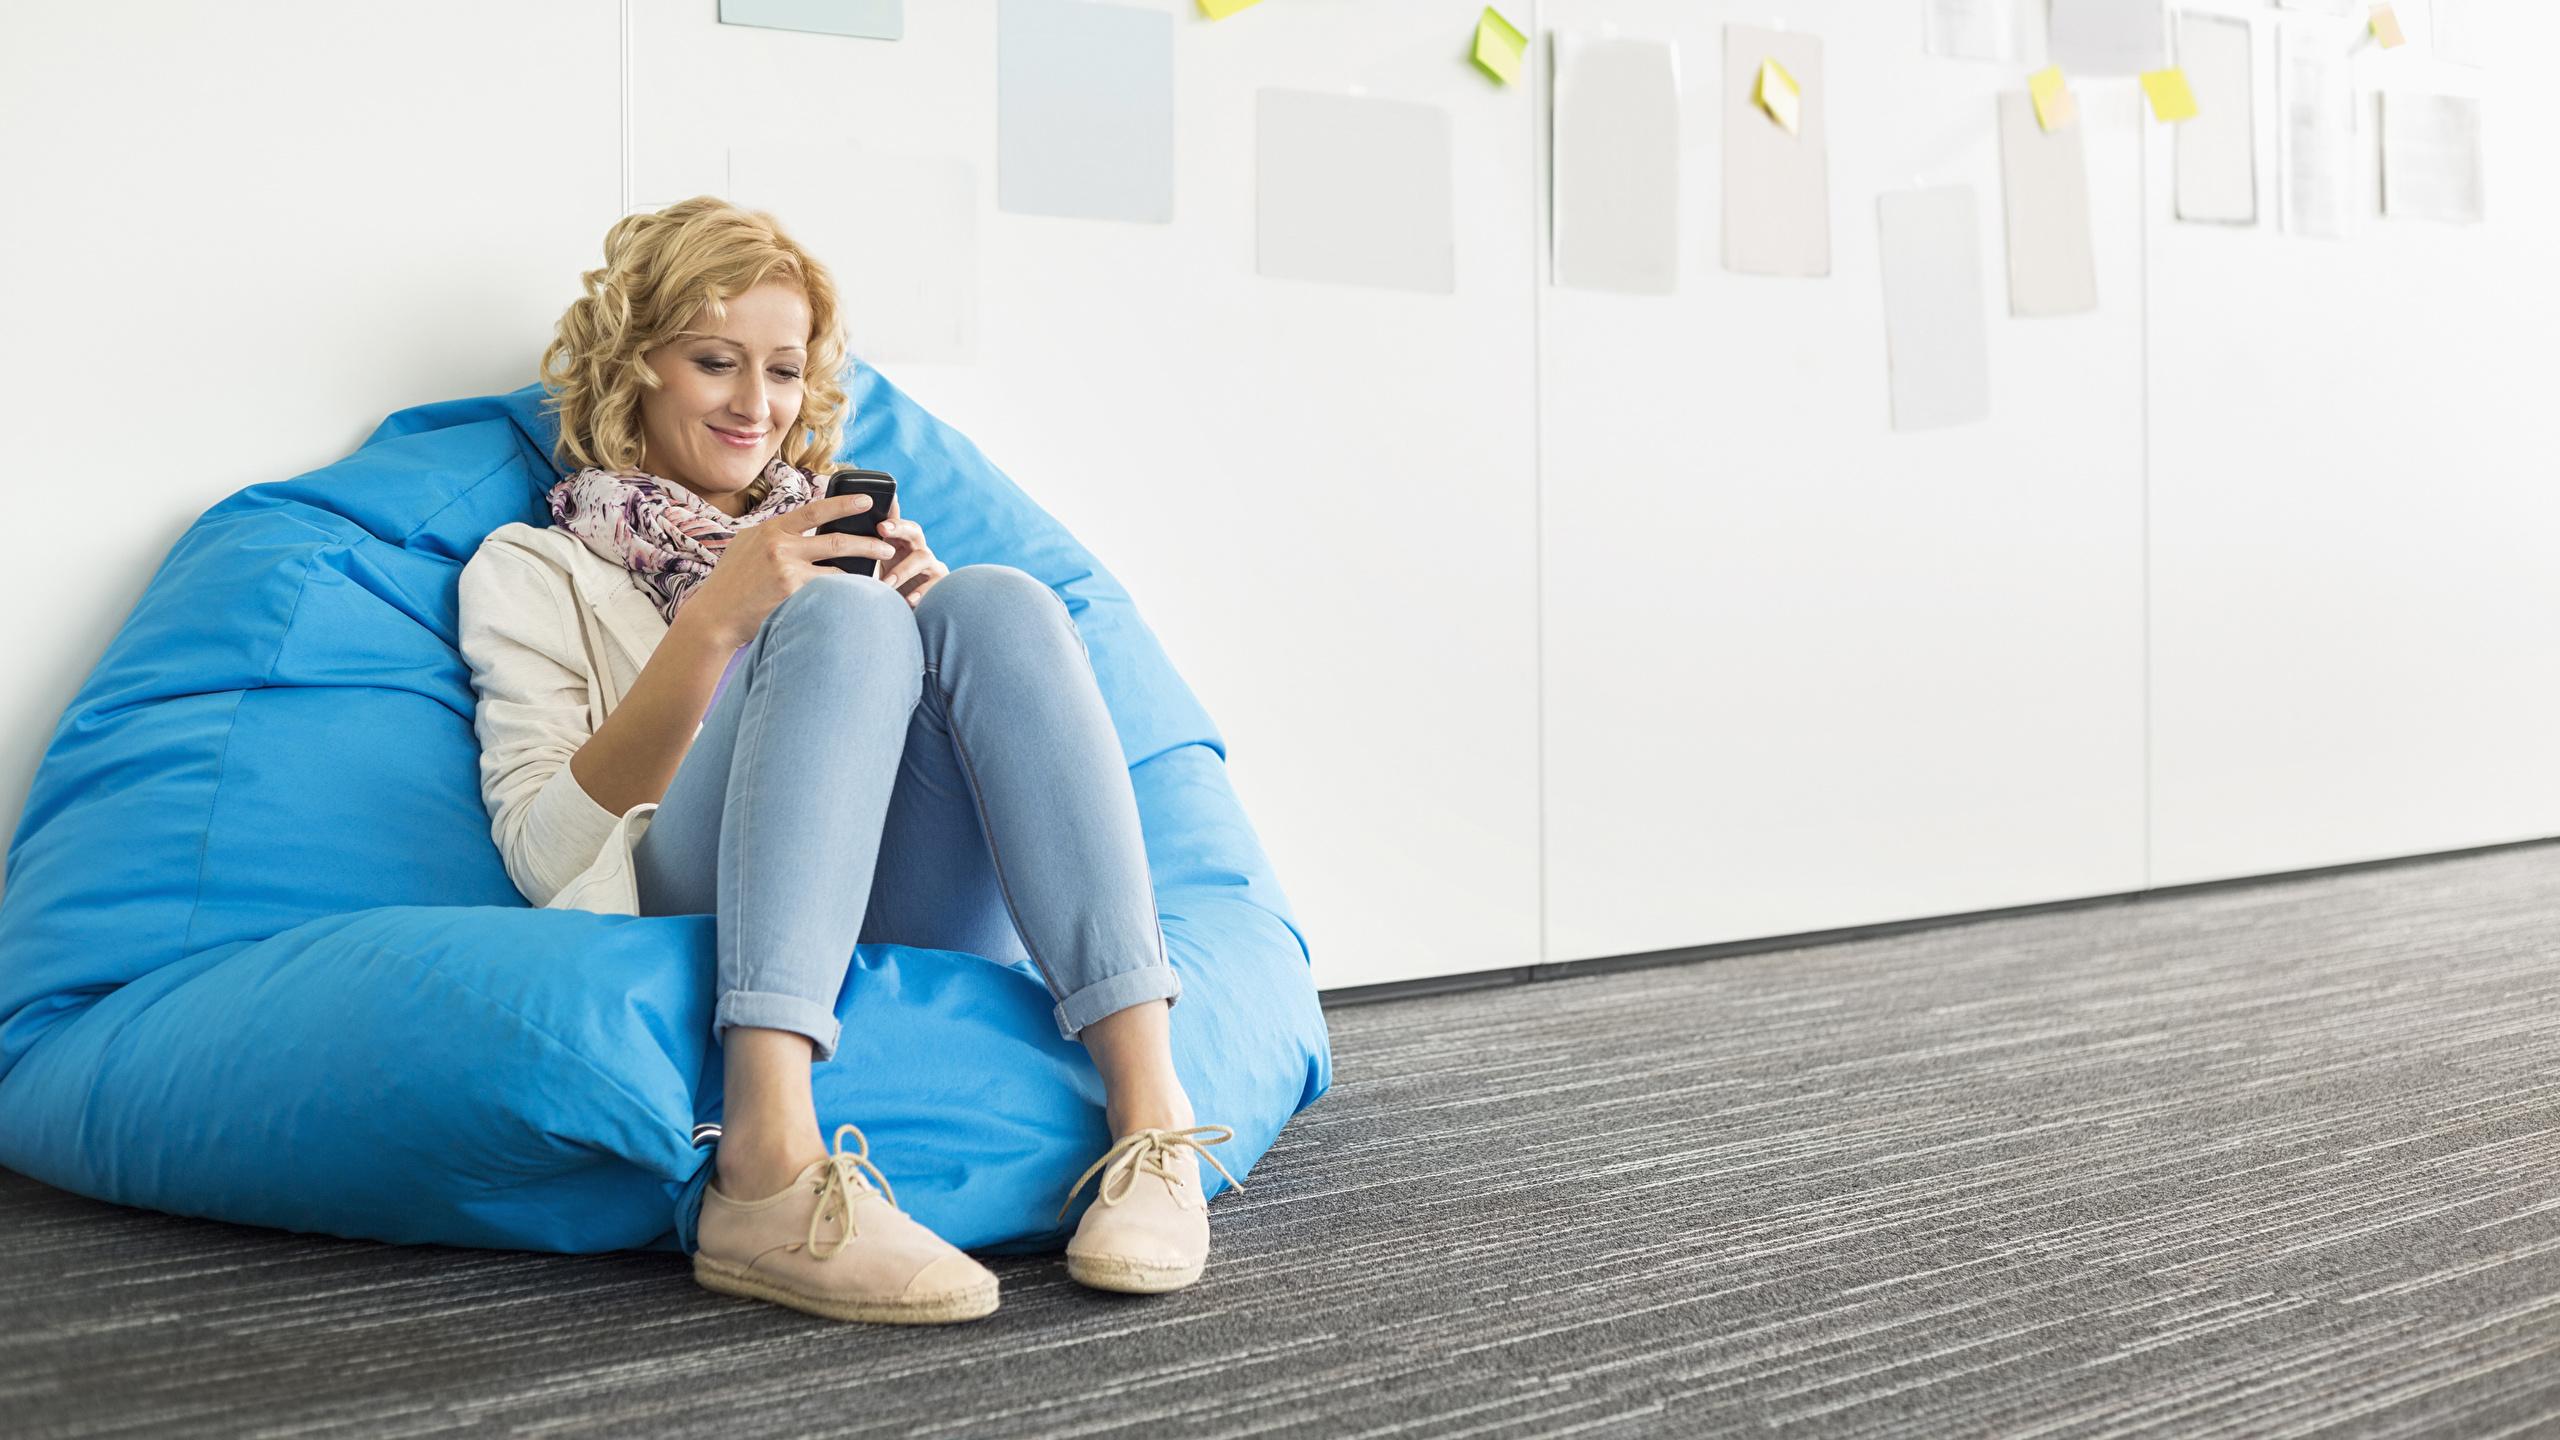 Fotos von Blond Mädchen Lächeln Mädchens Bein Sitzend 2560x1440 Blondine